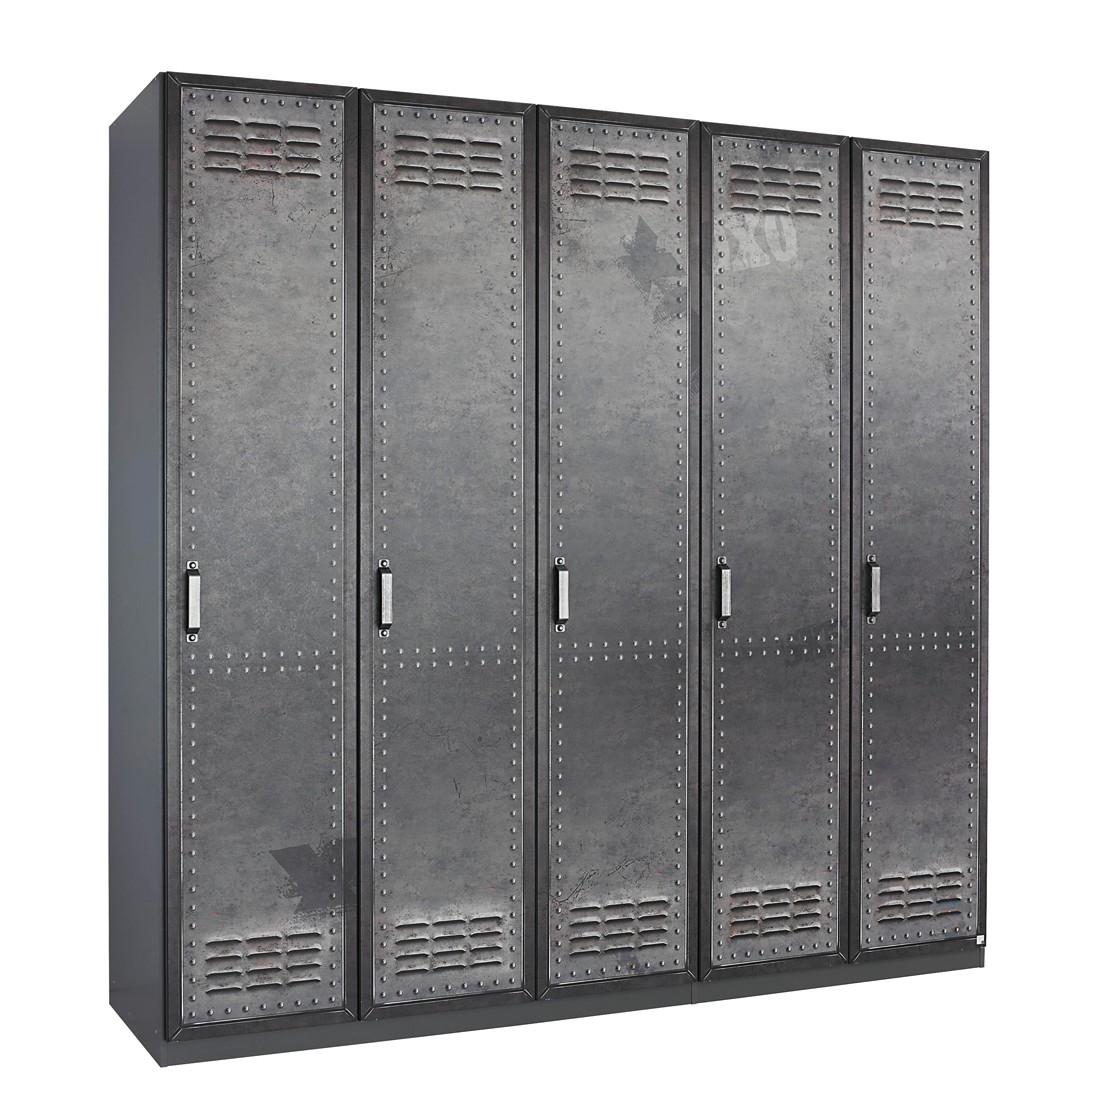 Armoire à portes battantes Workbase - Aspect imprimé industriel / Gris graphite - 95 cm (2 portes) - butoir à droite, Rauch Select